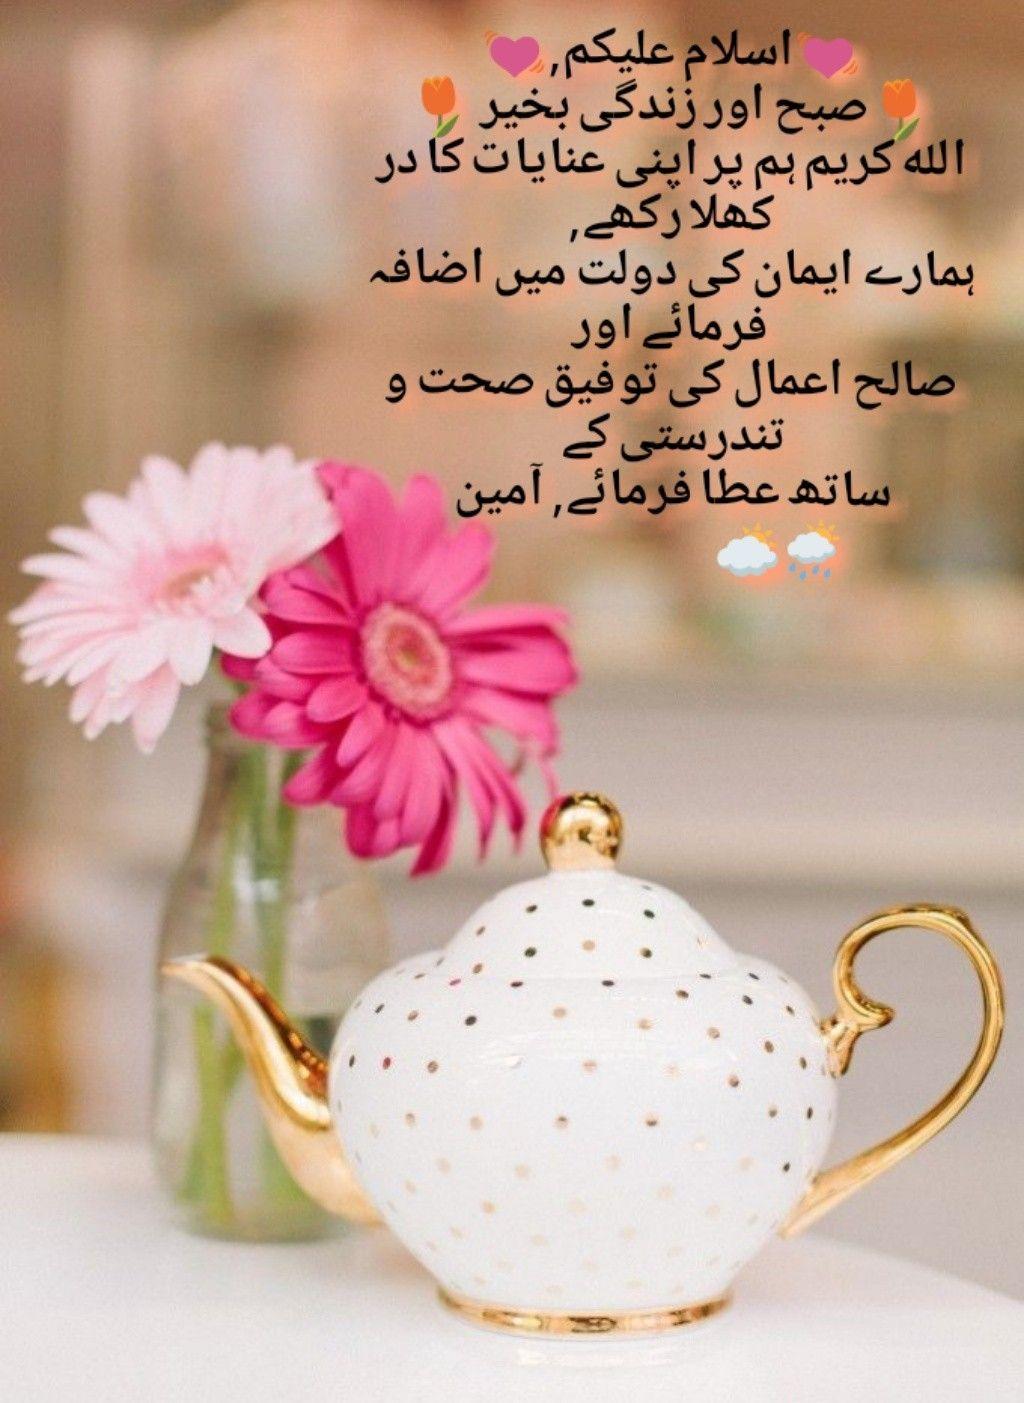 اسلام علیکم, صبح اور زندگی بخیر 🍀   Duaen   Morning quotes